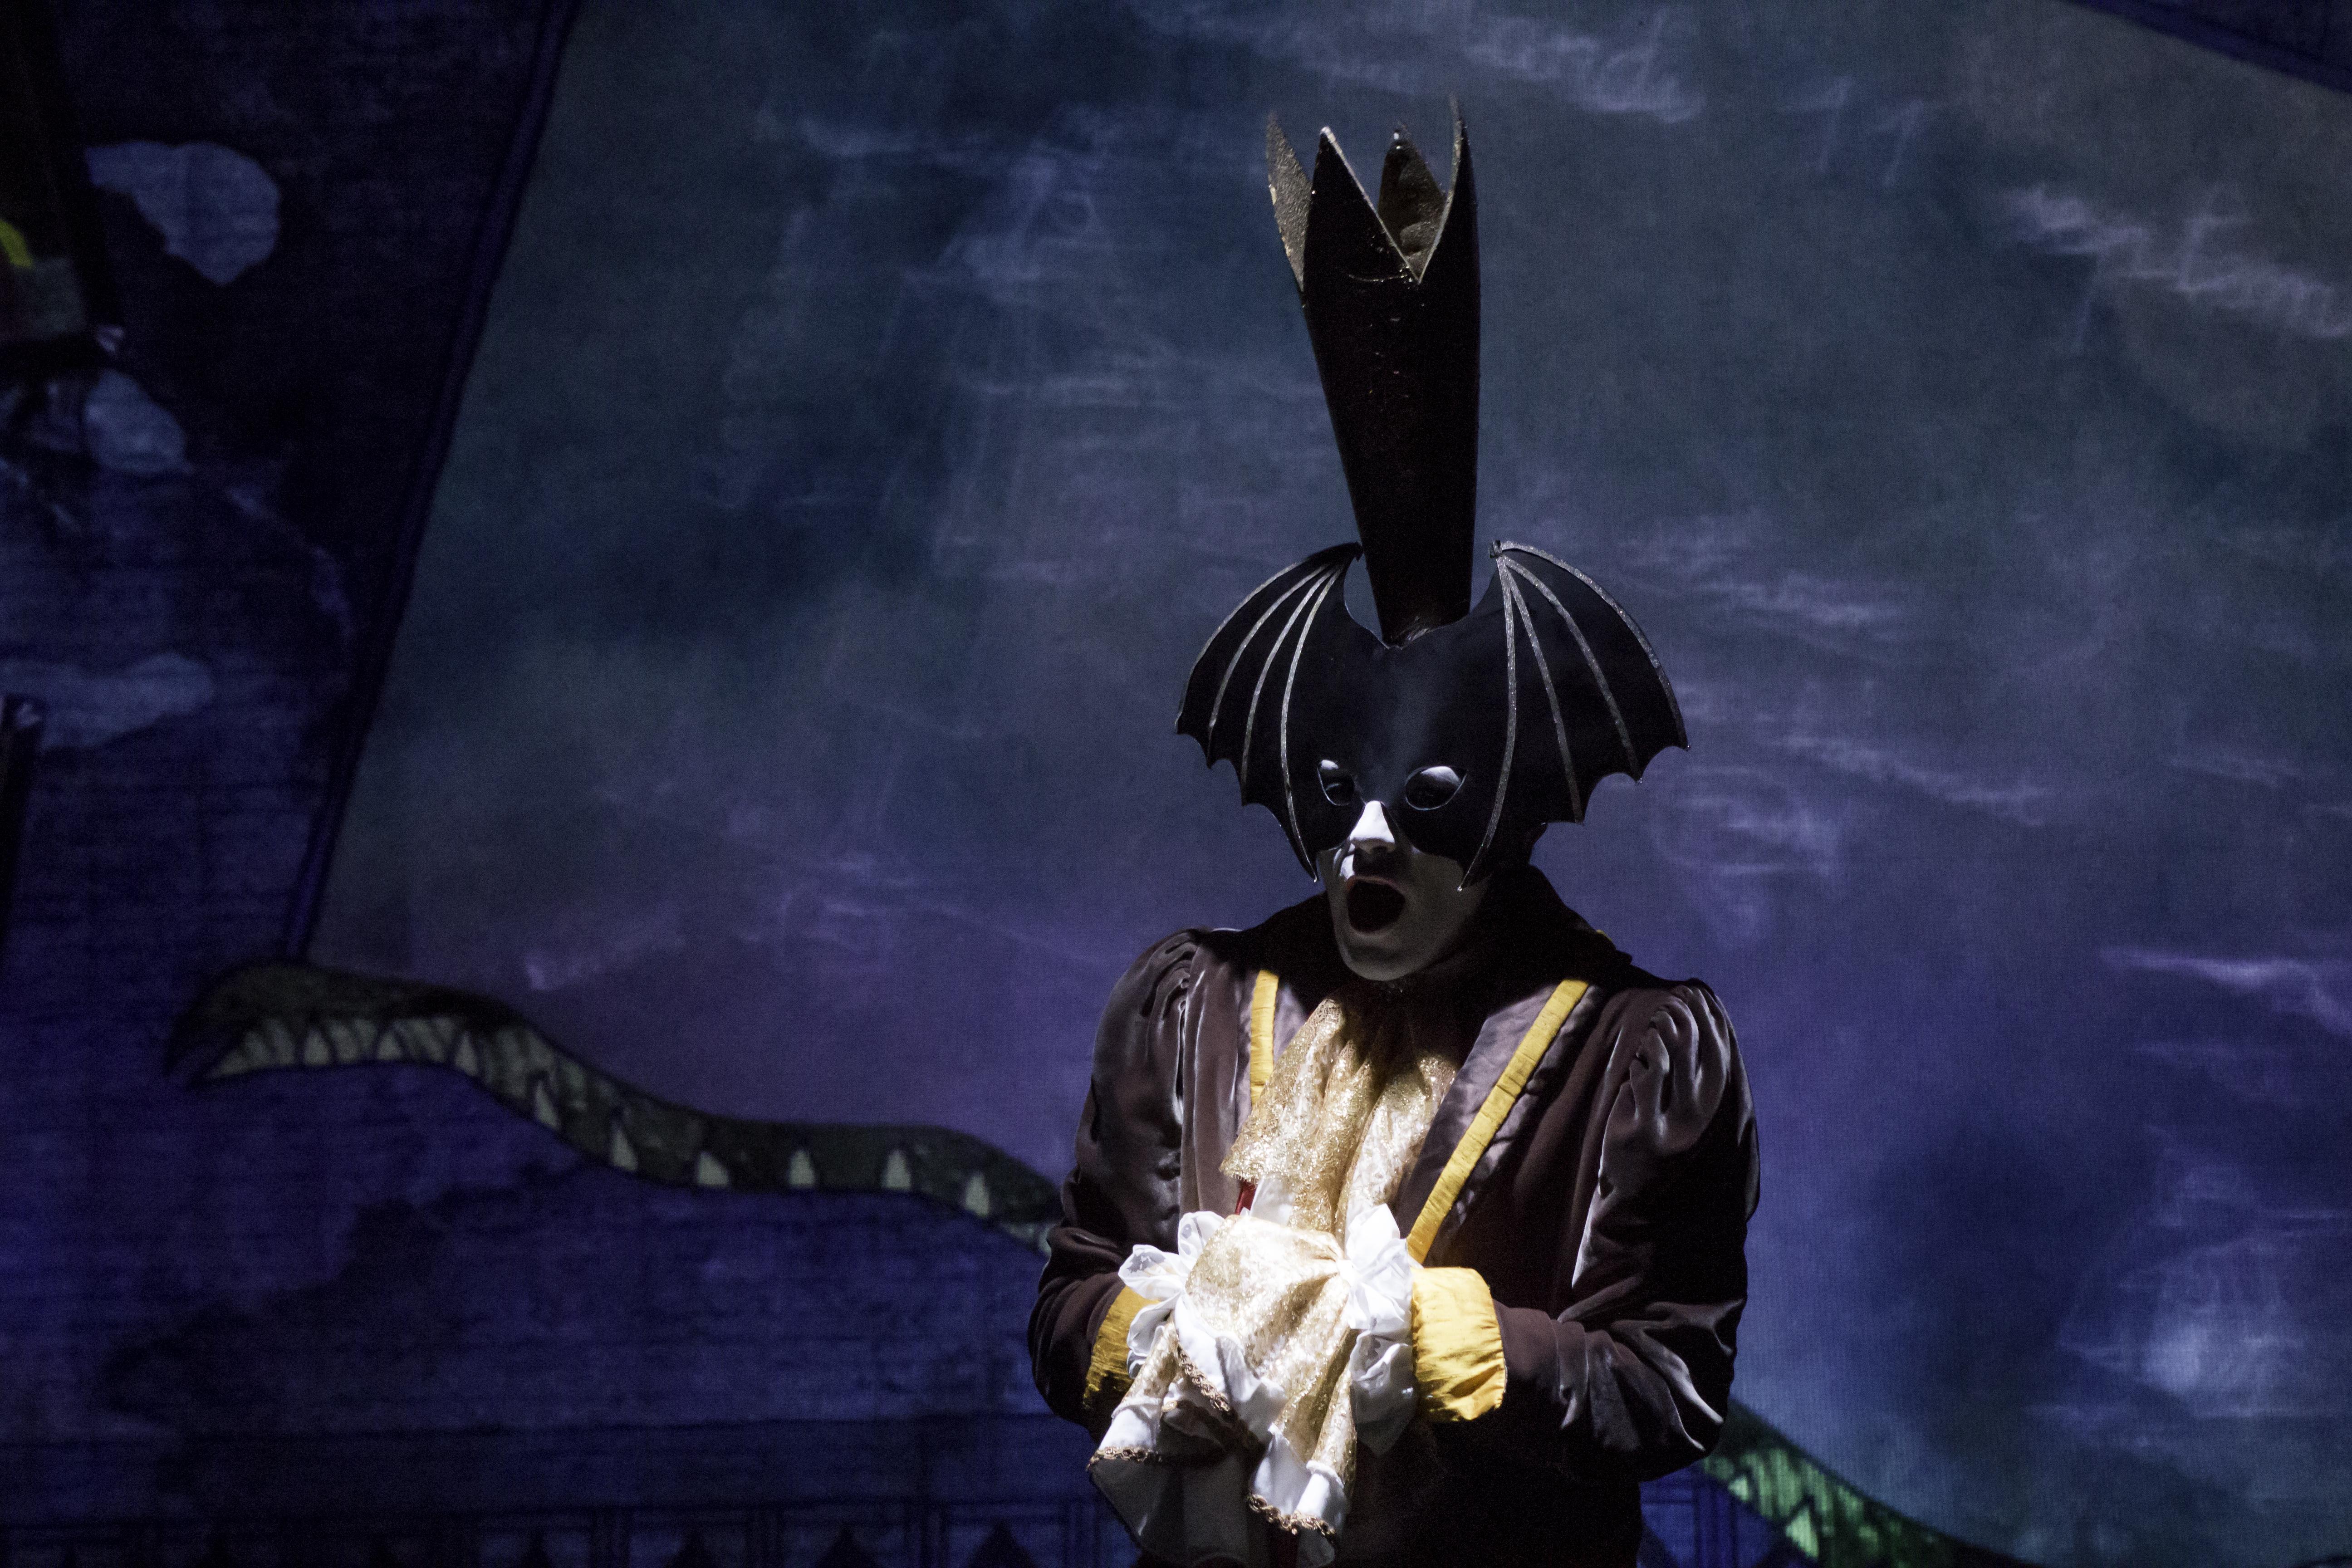 Les Minuits-Le Prince masqué